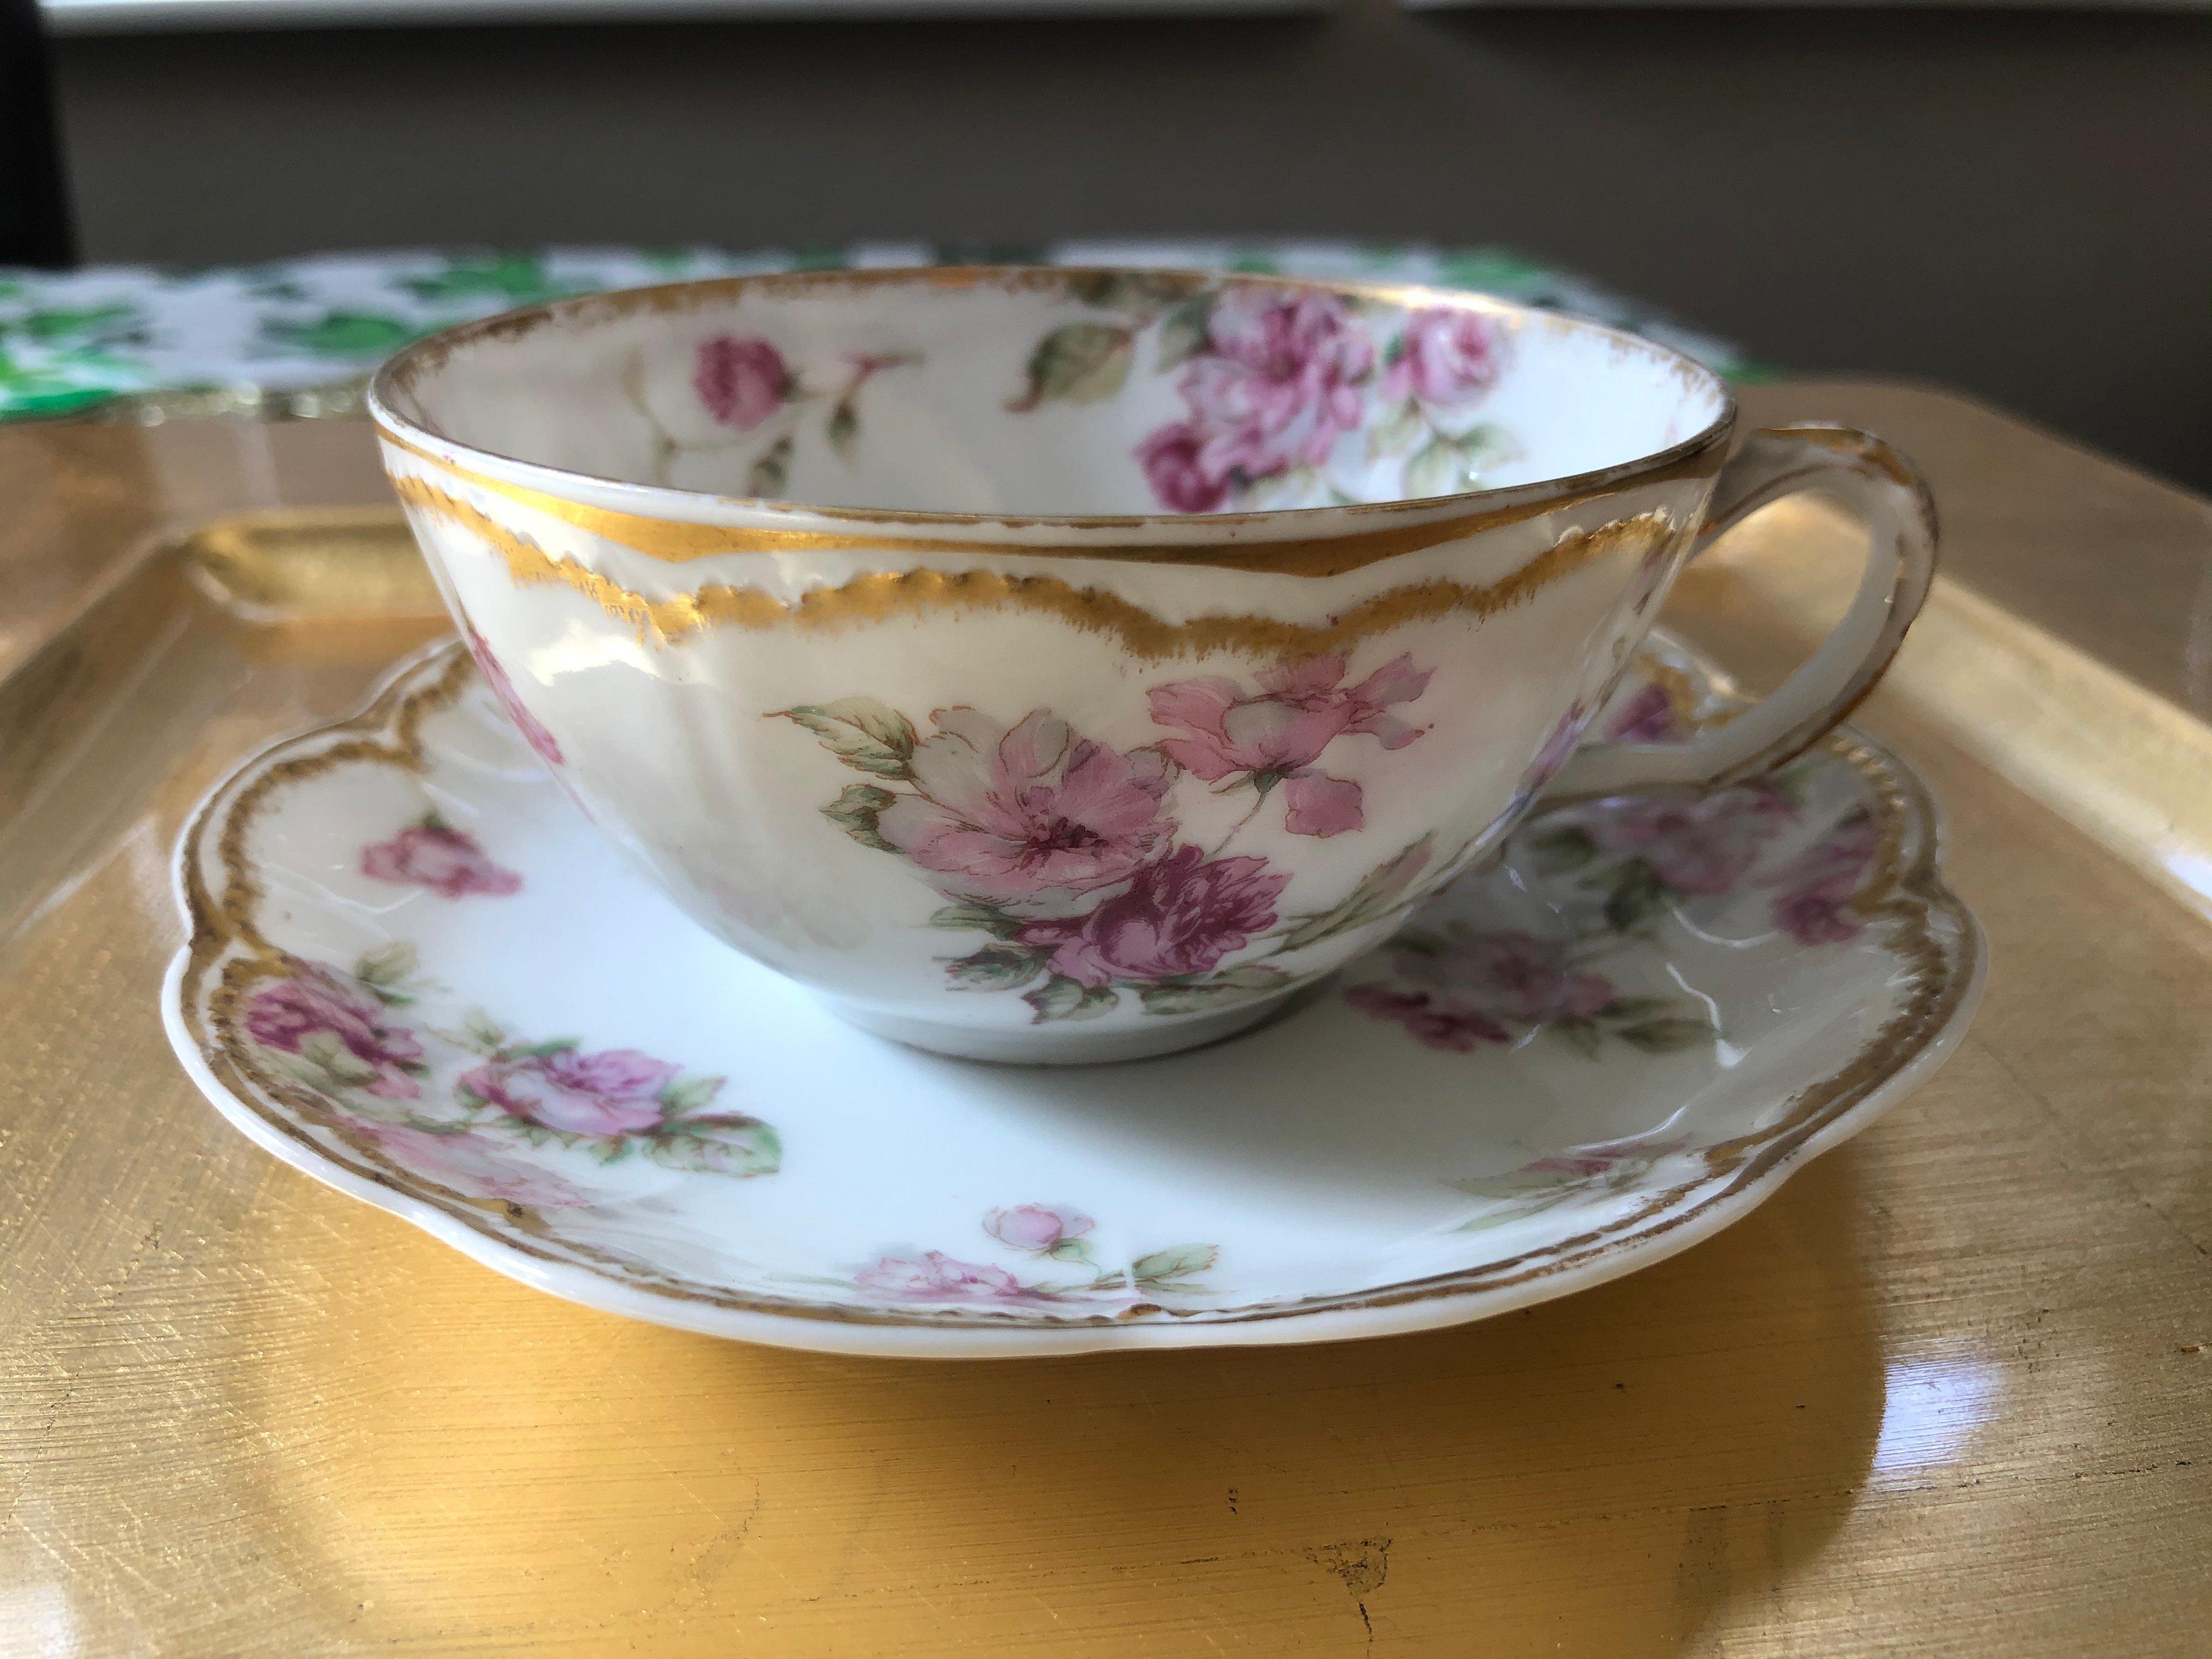 20210317 MHayes Limoges Teacup